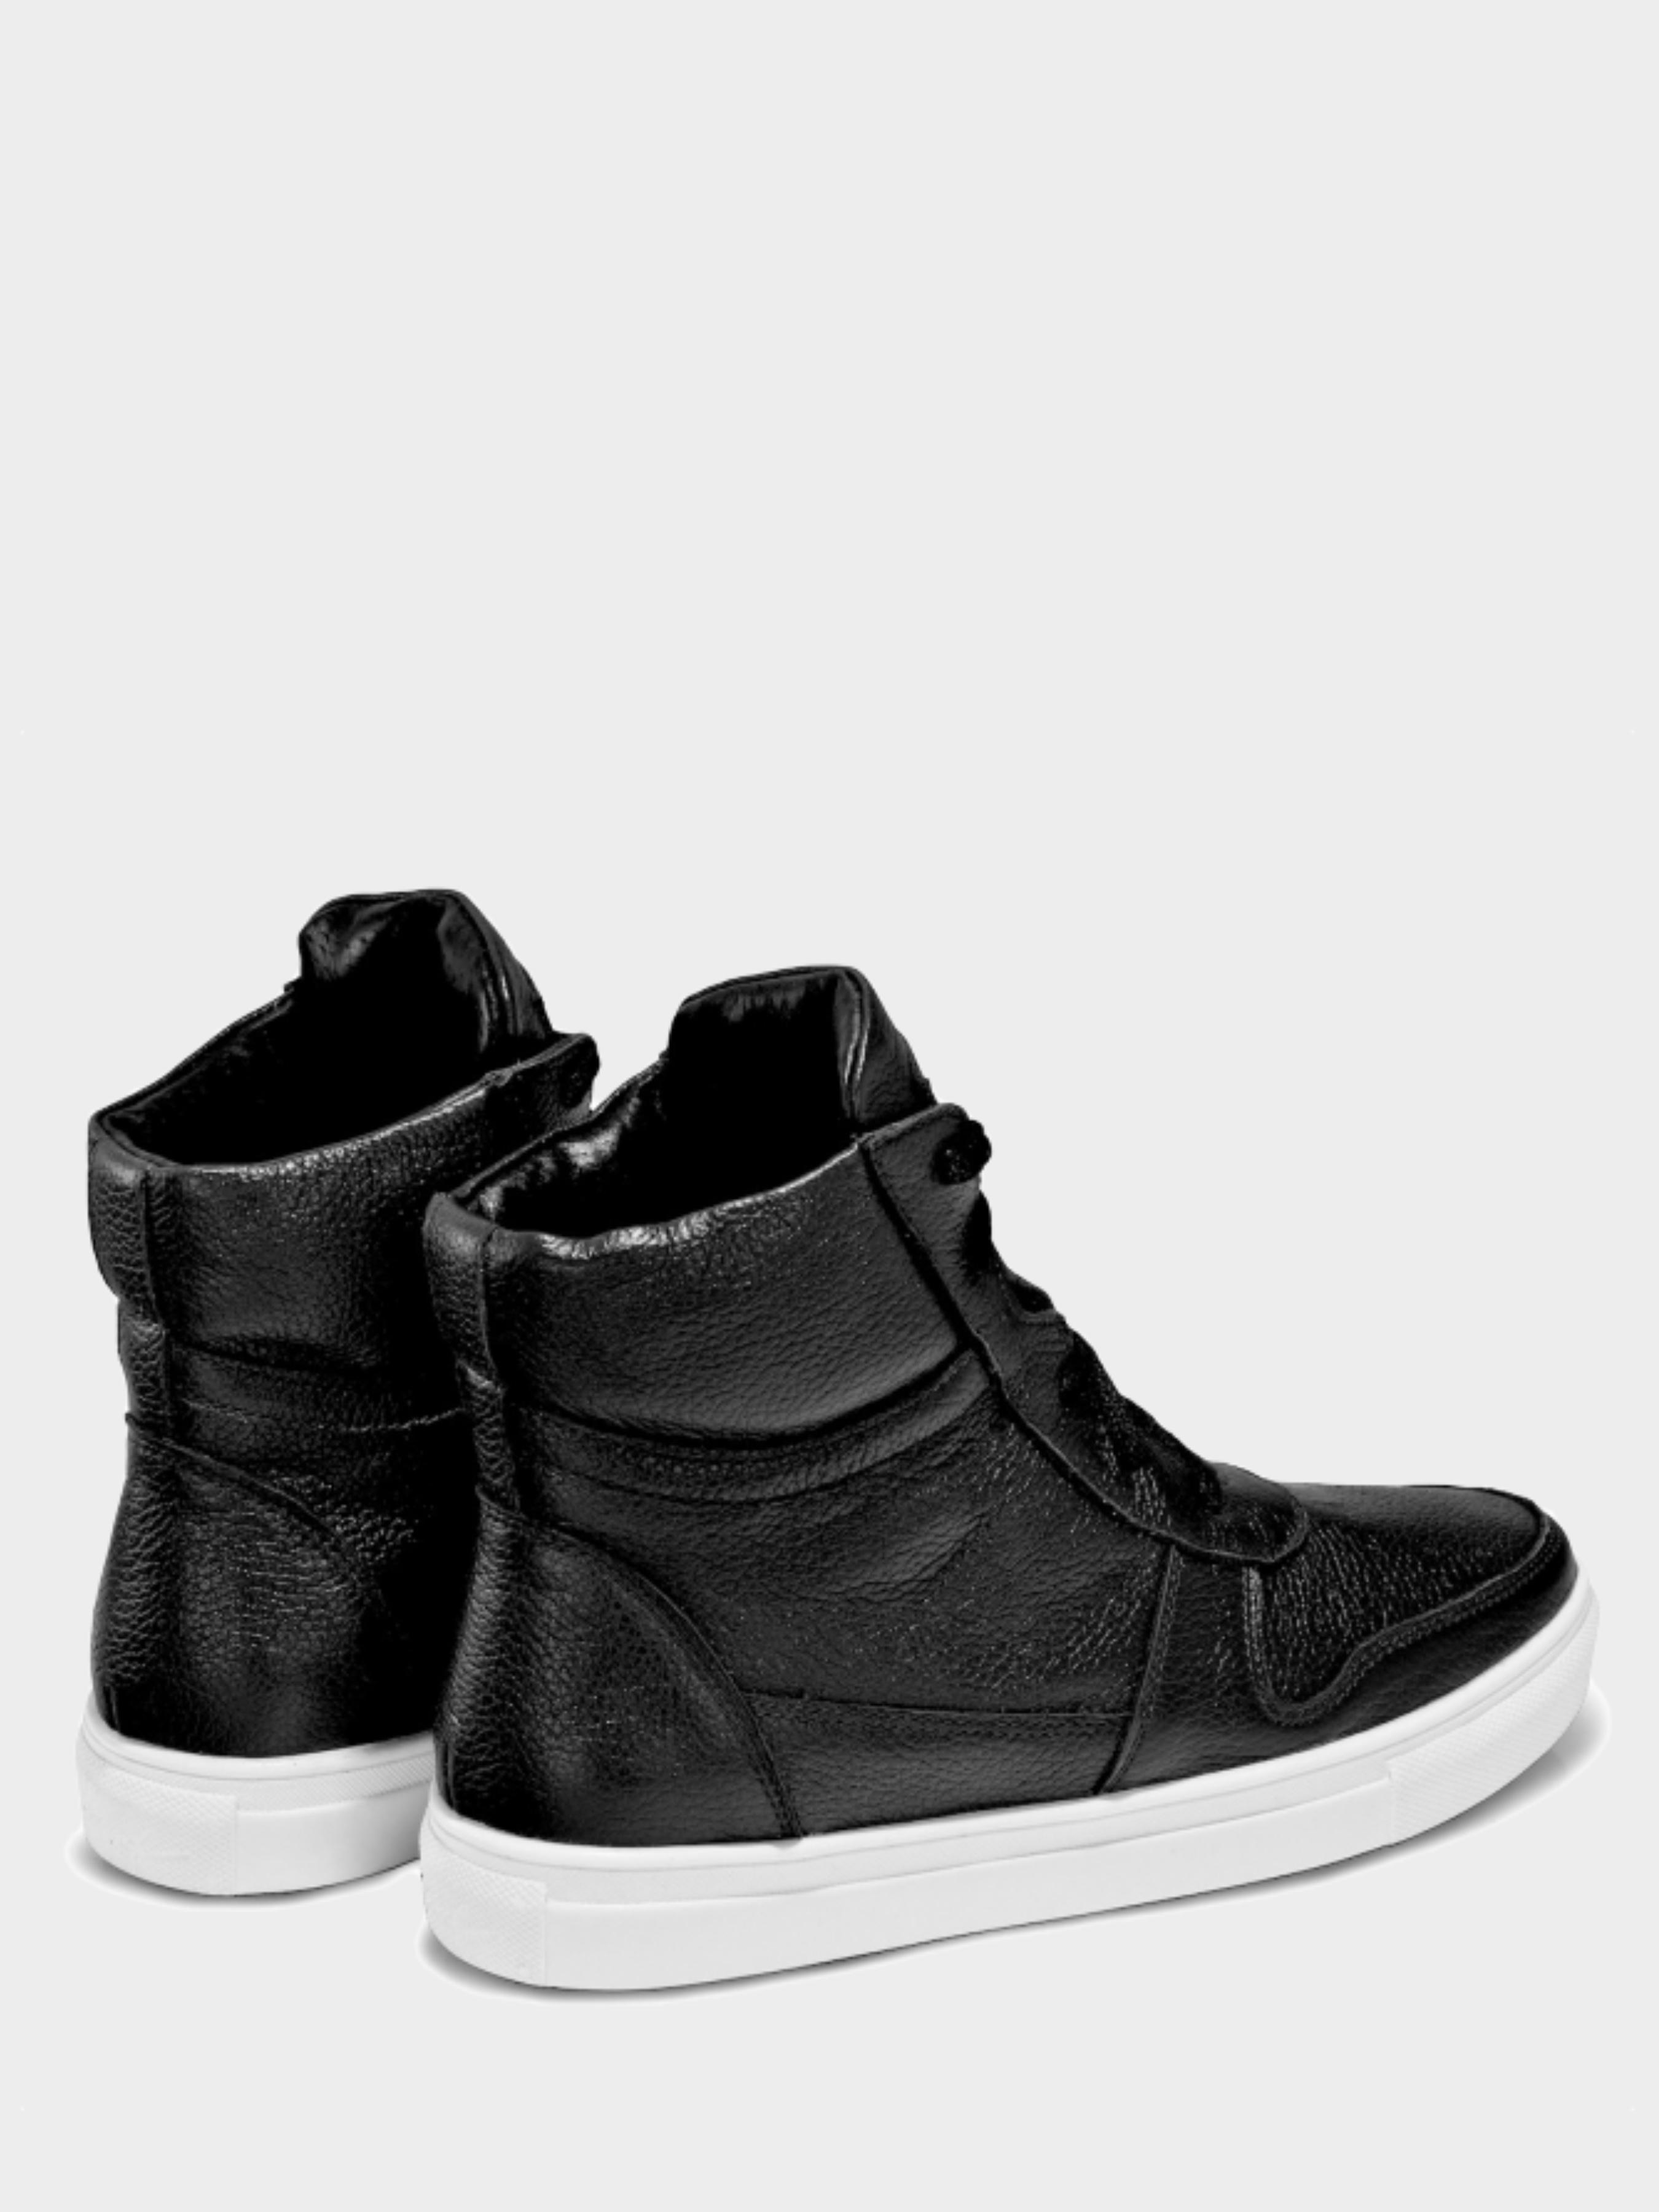 Ботинки для женщин Ботинки на байке H2 H2.1.000000323 модная обувь, 2017